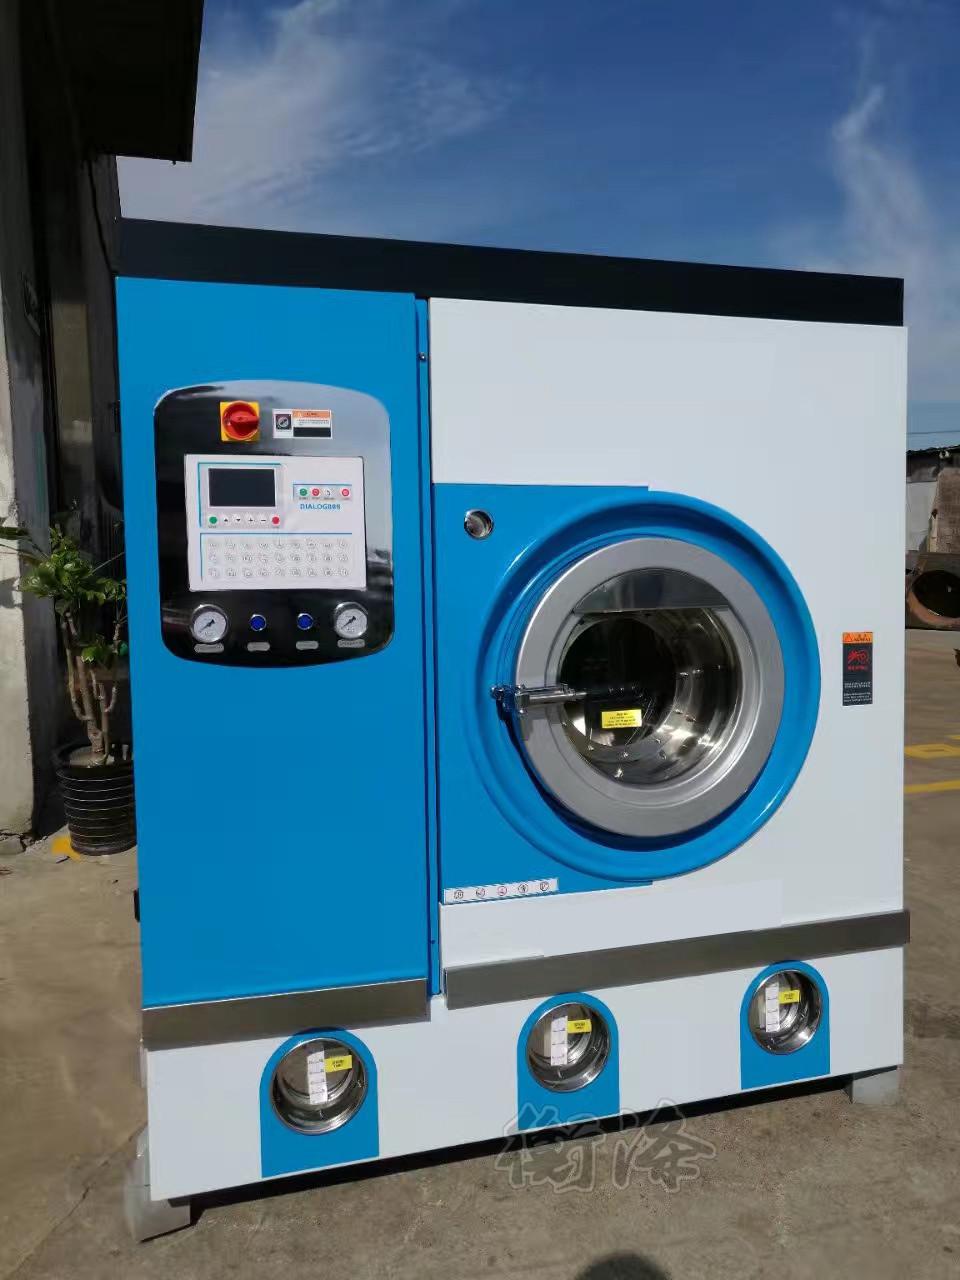 供应 干洗店洗涤设备 8kg全自动干洗机设备-- 上海衡涤洗涤设备有限公司